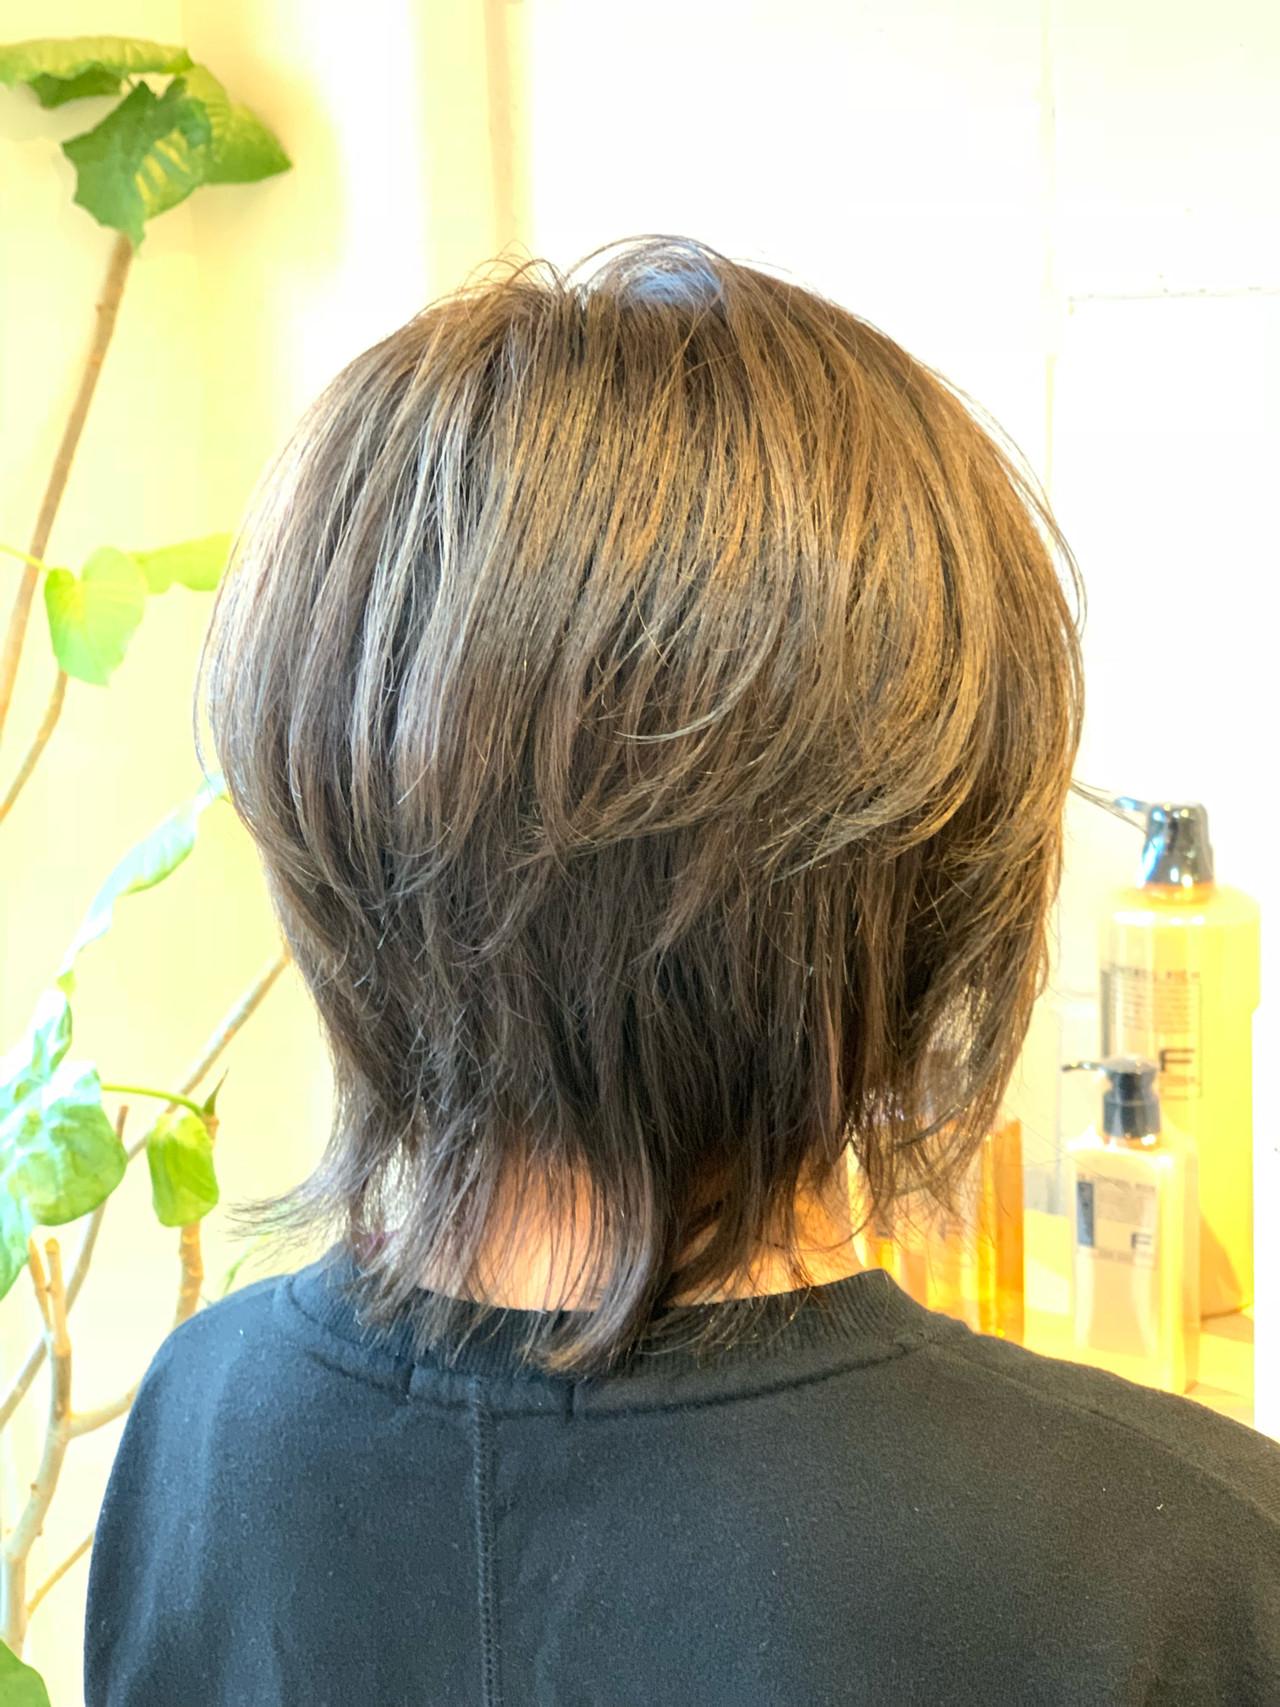 グラデーションカラー ウルフカット ストリート ブリーチカラー ヘアスタイルや髪型の写真・画像 | Hatori Masaki / rela hair salon